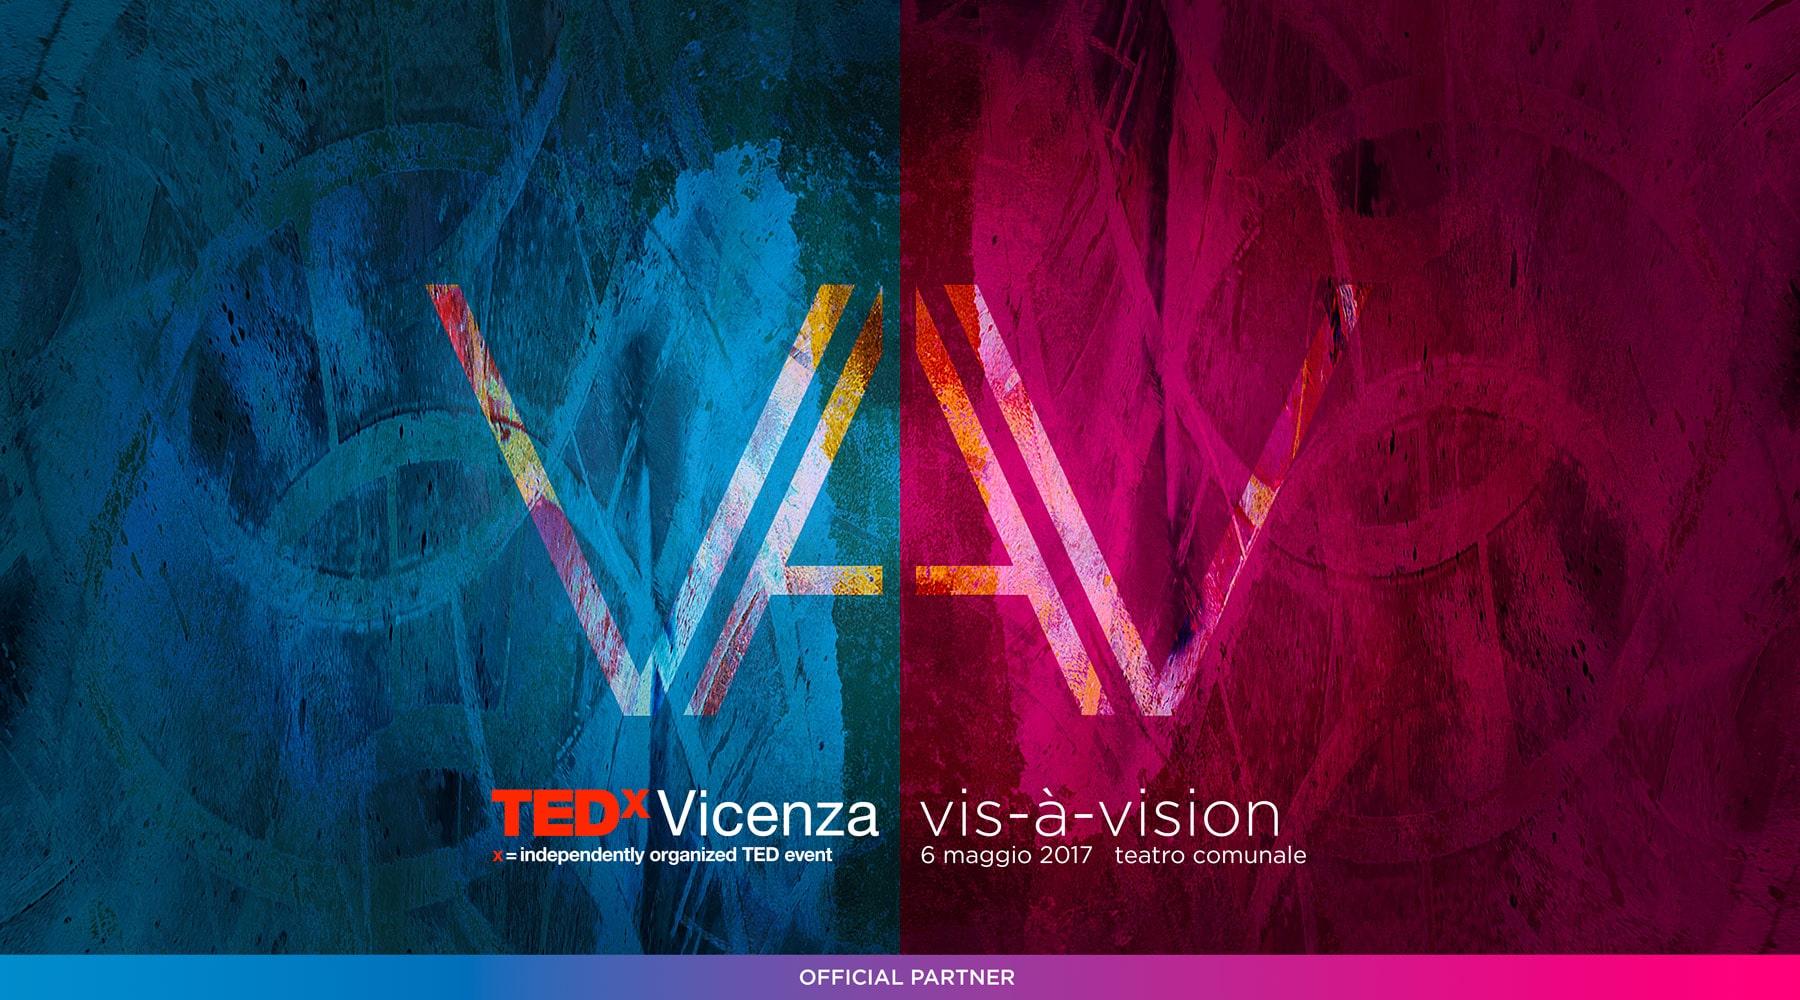 TEDx2017